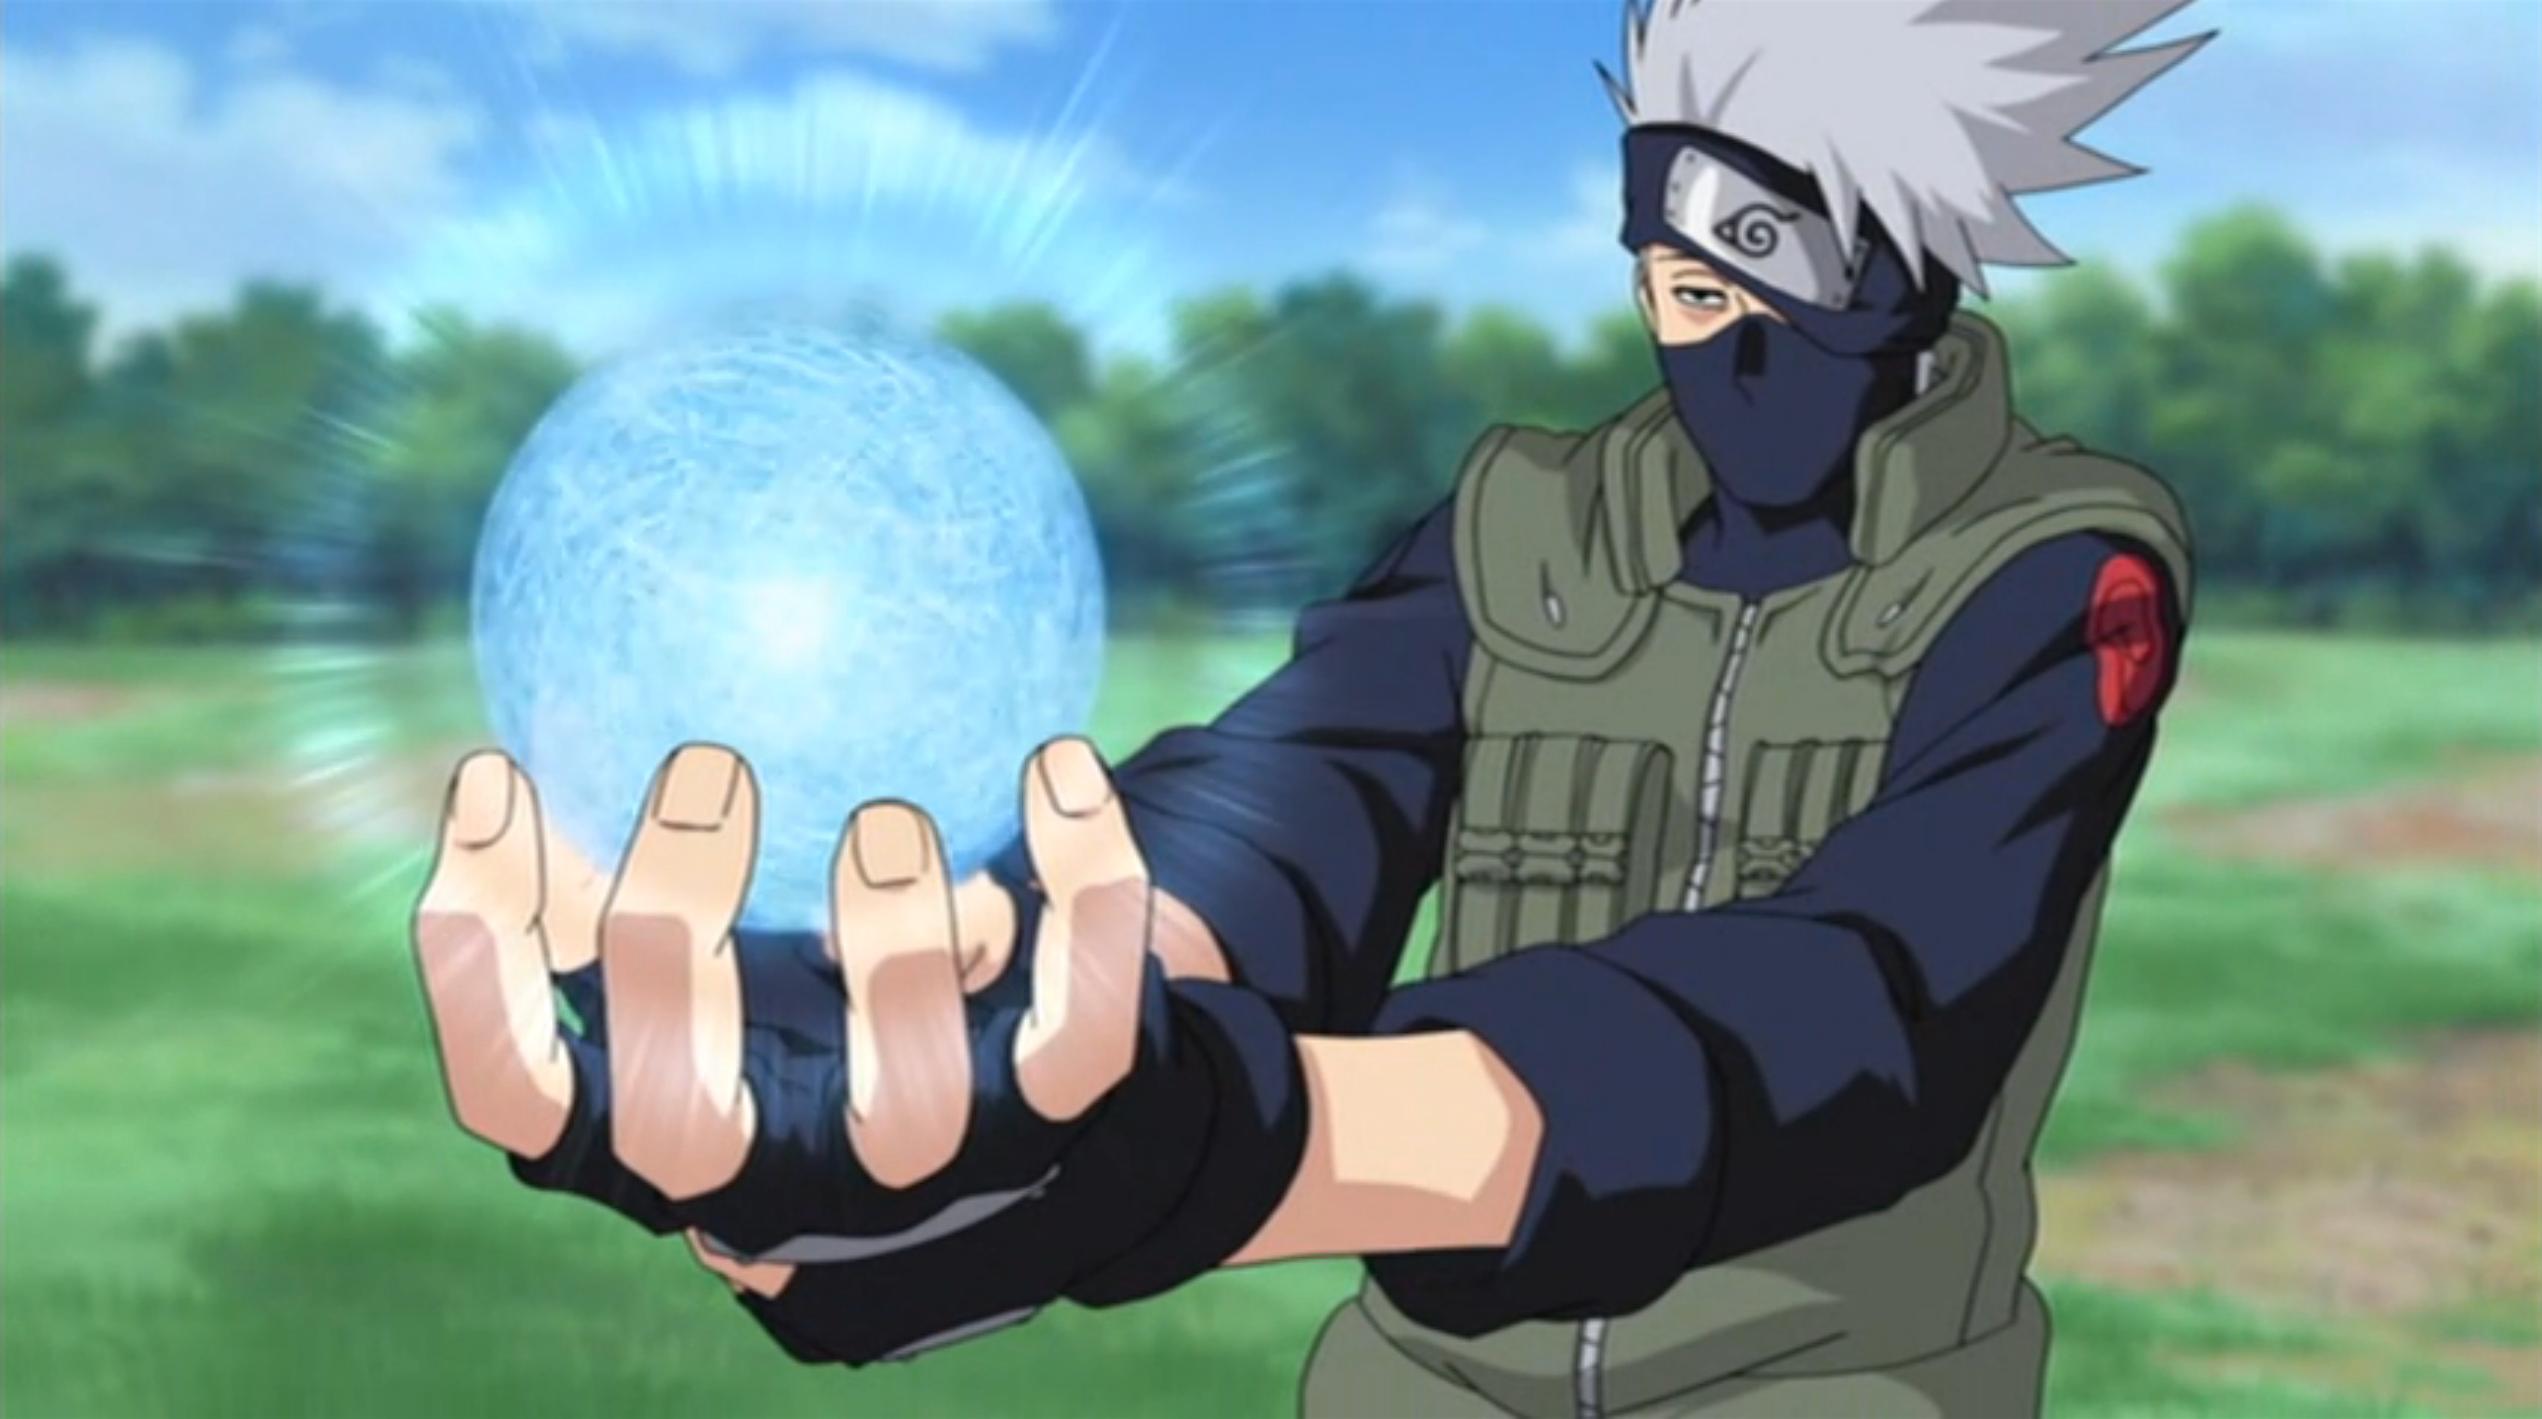 Naruto: Shippuden Episodio 75